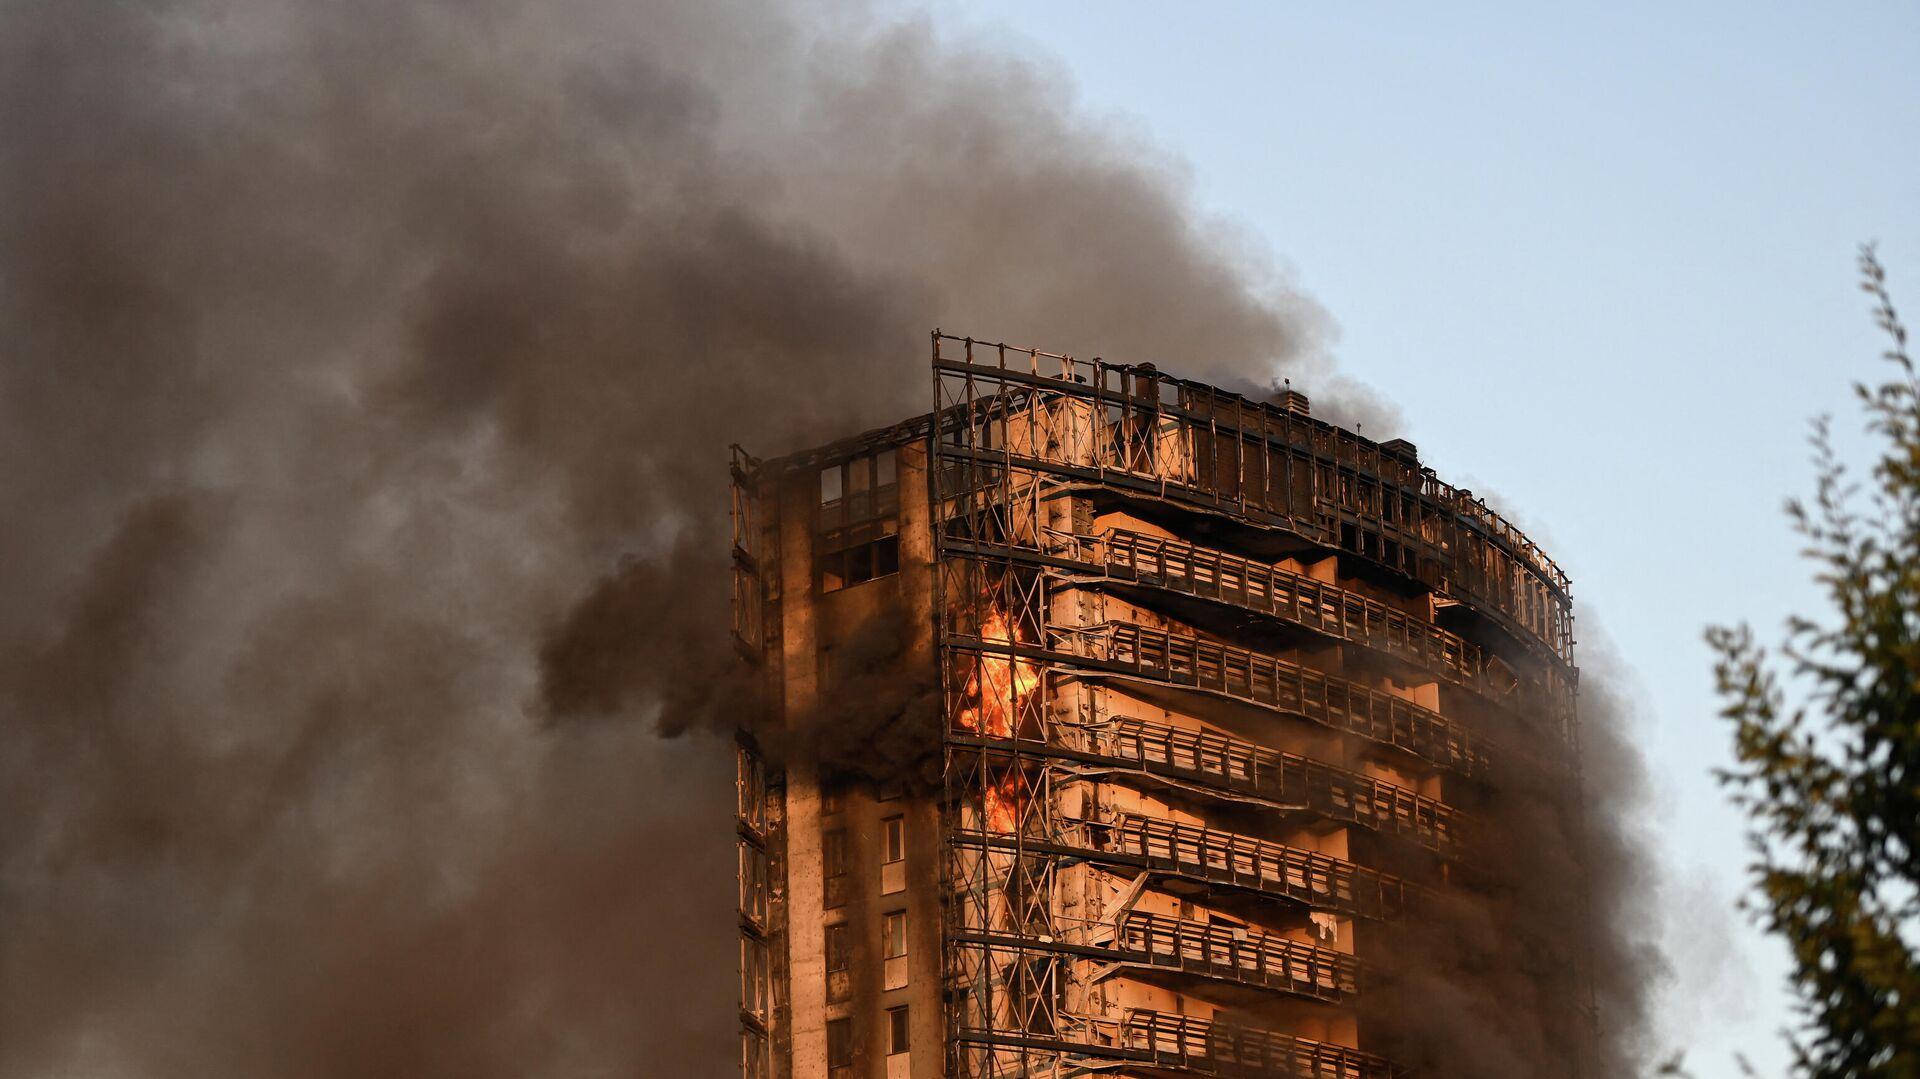 Incendio en un edificio residencial en Milán (Italia), el 29 de agosto del 2021 - Sputnik Mundo, 1920, 29.08.2021